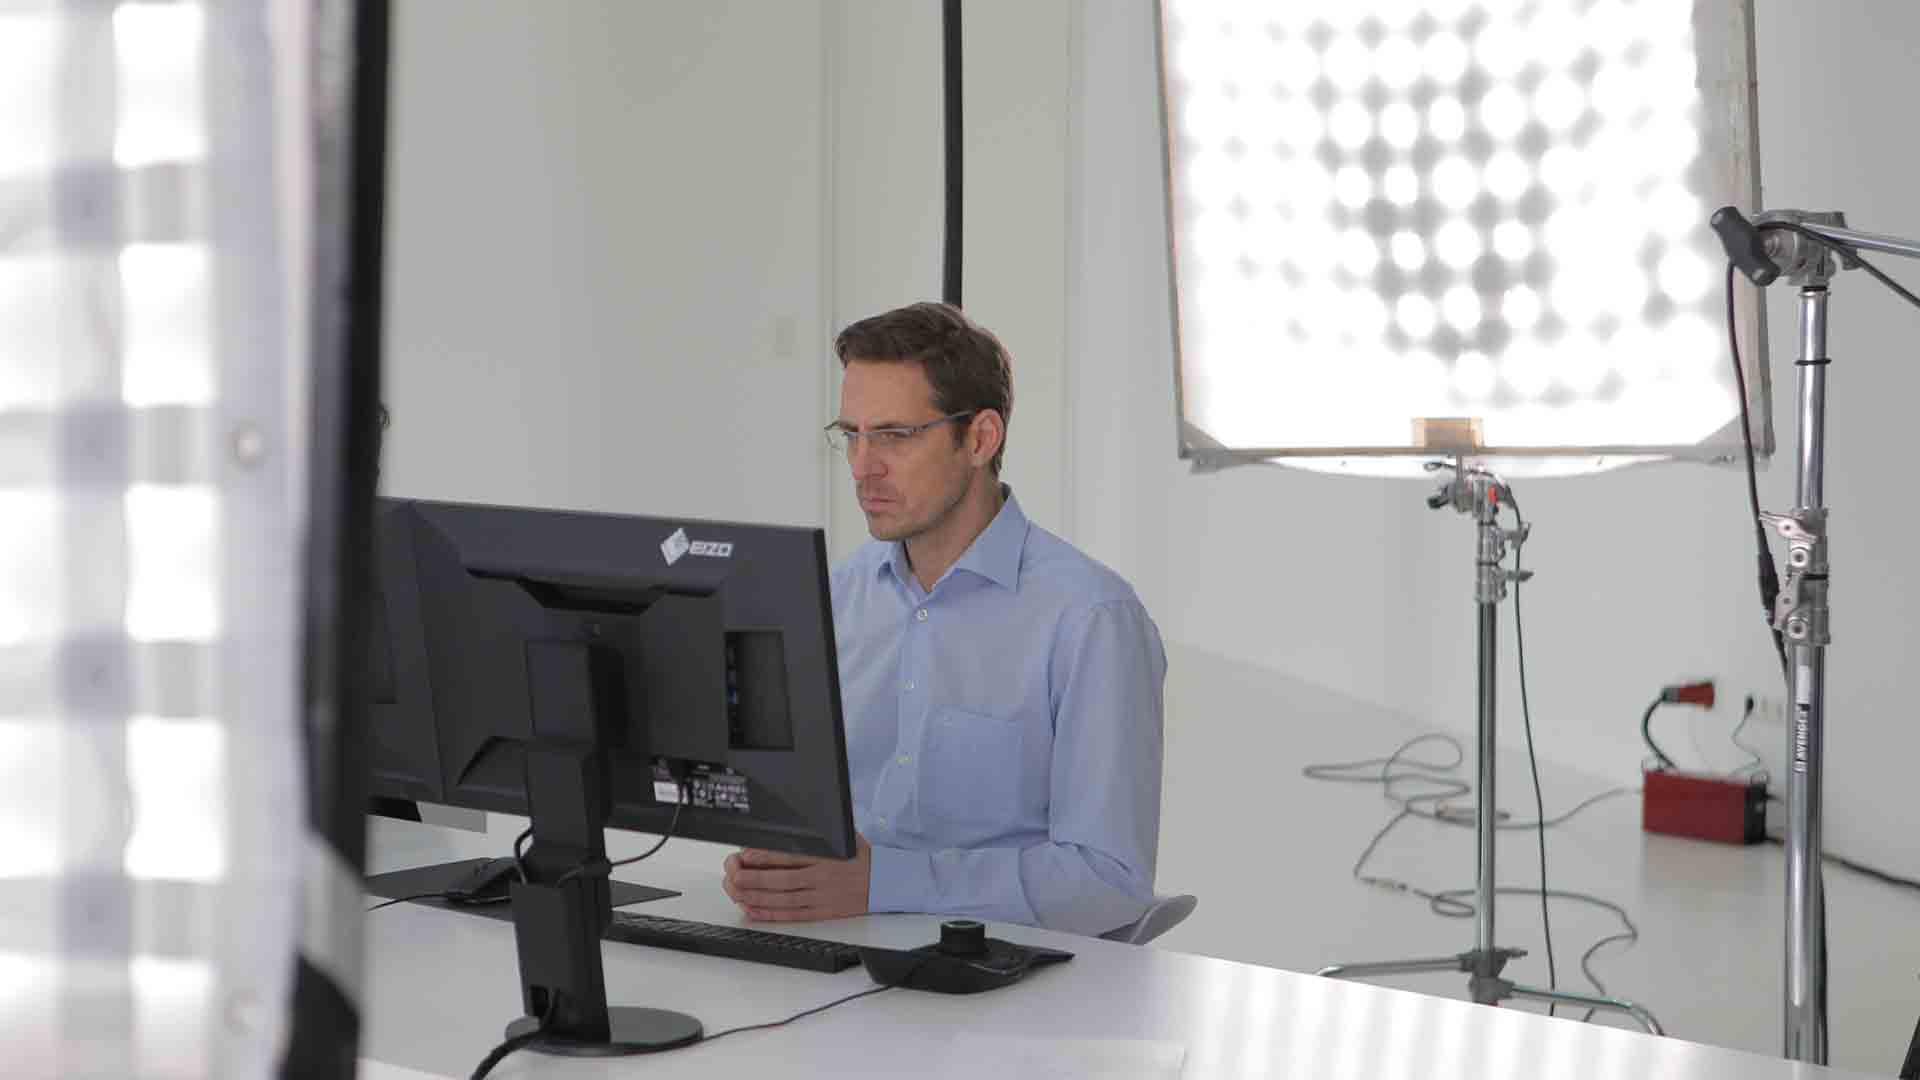 Das Bild zeigt einen Mann der an einem Schreibtisch sitzt. Er befindet sich an einem Filmset. Hinter und vor ihm sind zwei Lichtnetze aufgestellt. Auf dem Schreibtisch vor ihm stehen ein Computerbildschirm, eine Tastatur und eine Computermaus. Das Bild dient als Sliderbild für den Portfolioeintrag 3Dconnexion SpaceMouse von Panda Pictures.